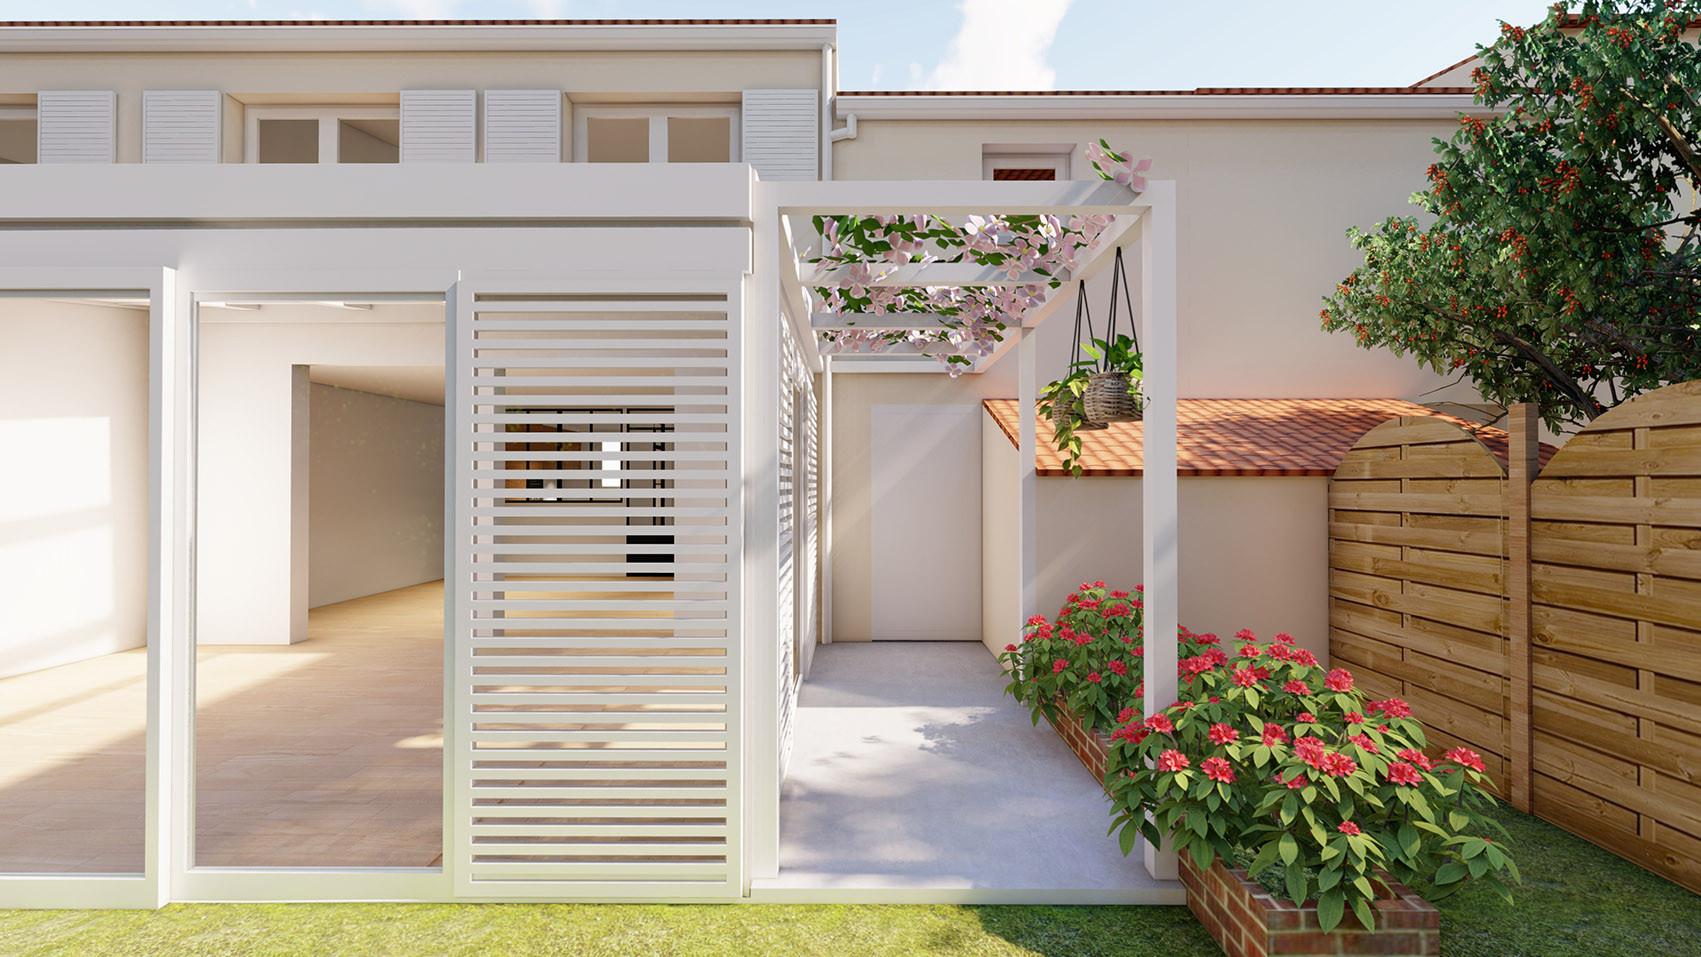 extension veranda pergola brise vue arch